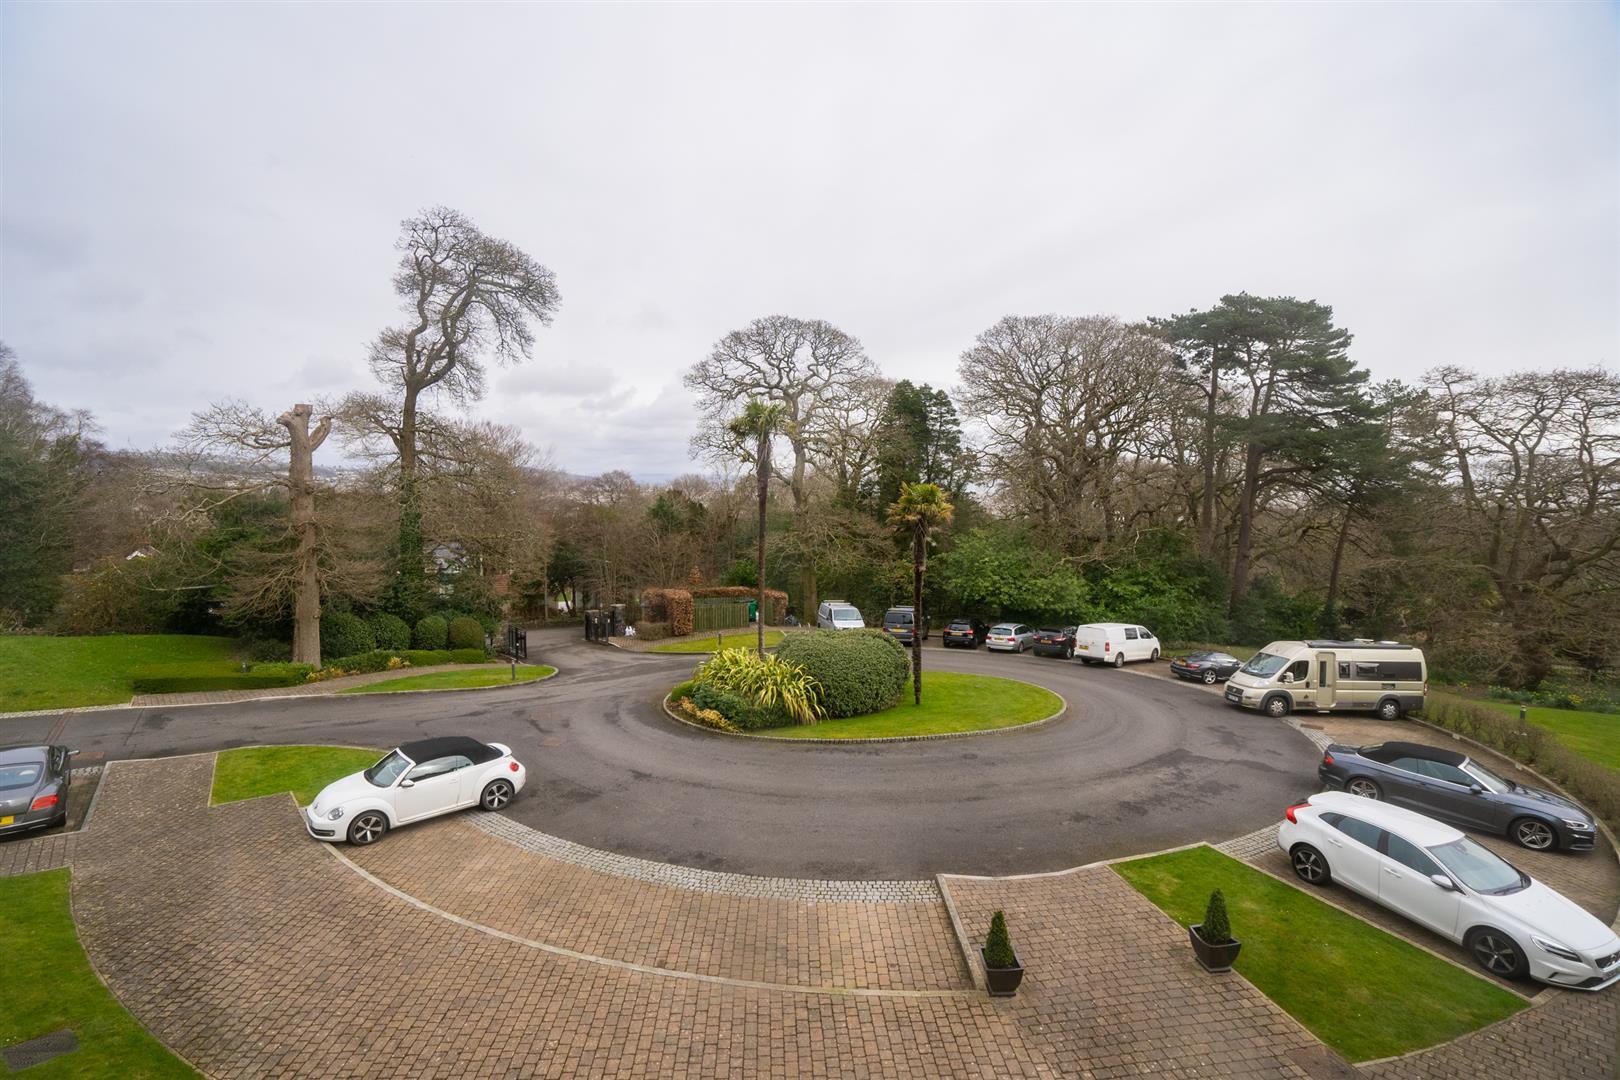 Clyne Castle, Blackpill, Swansea, SA3 5BW